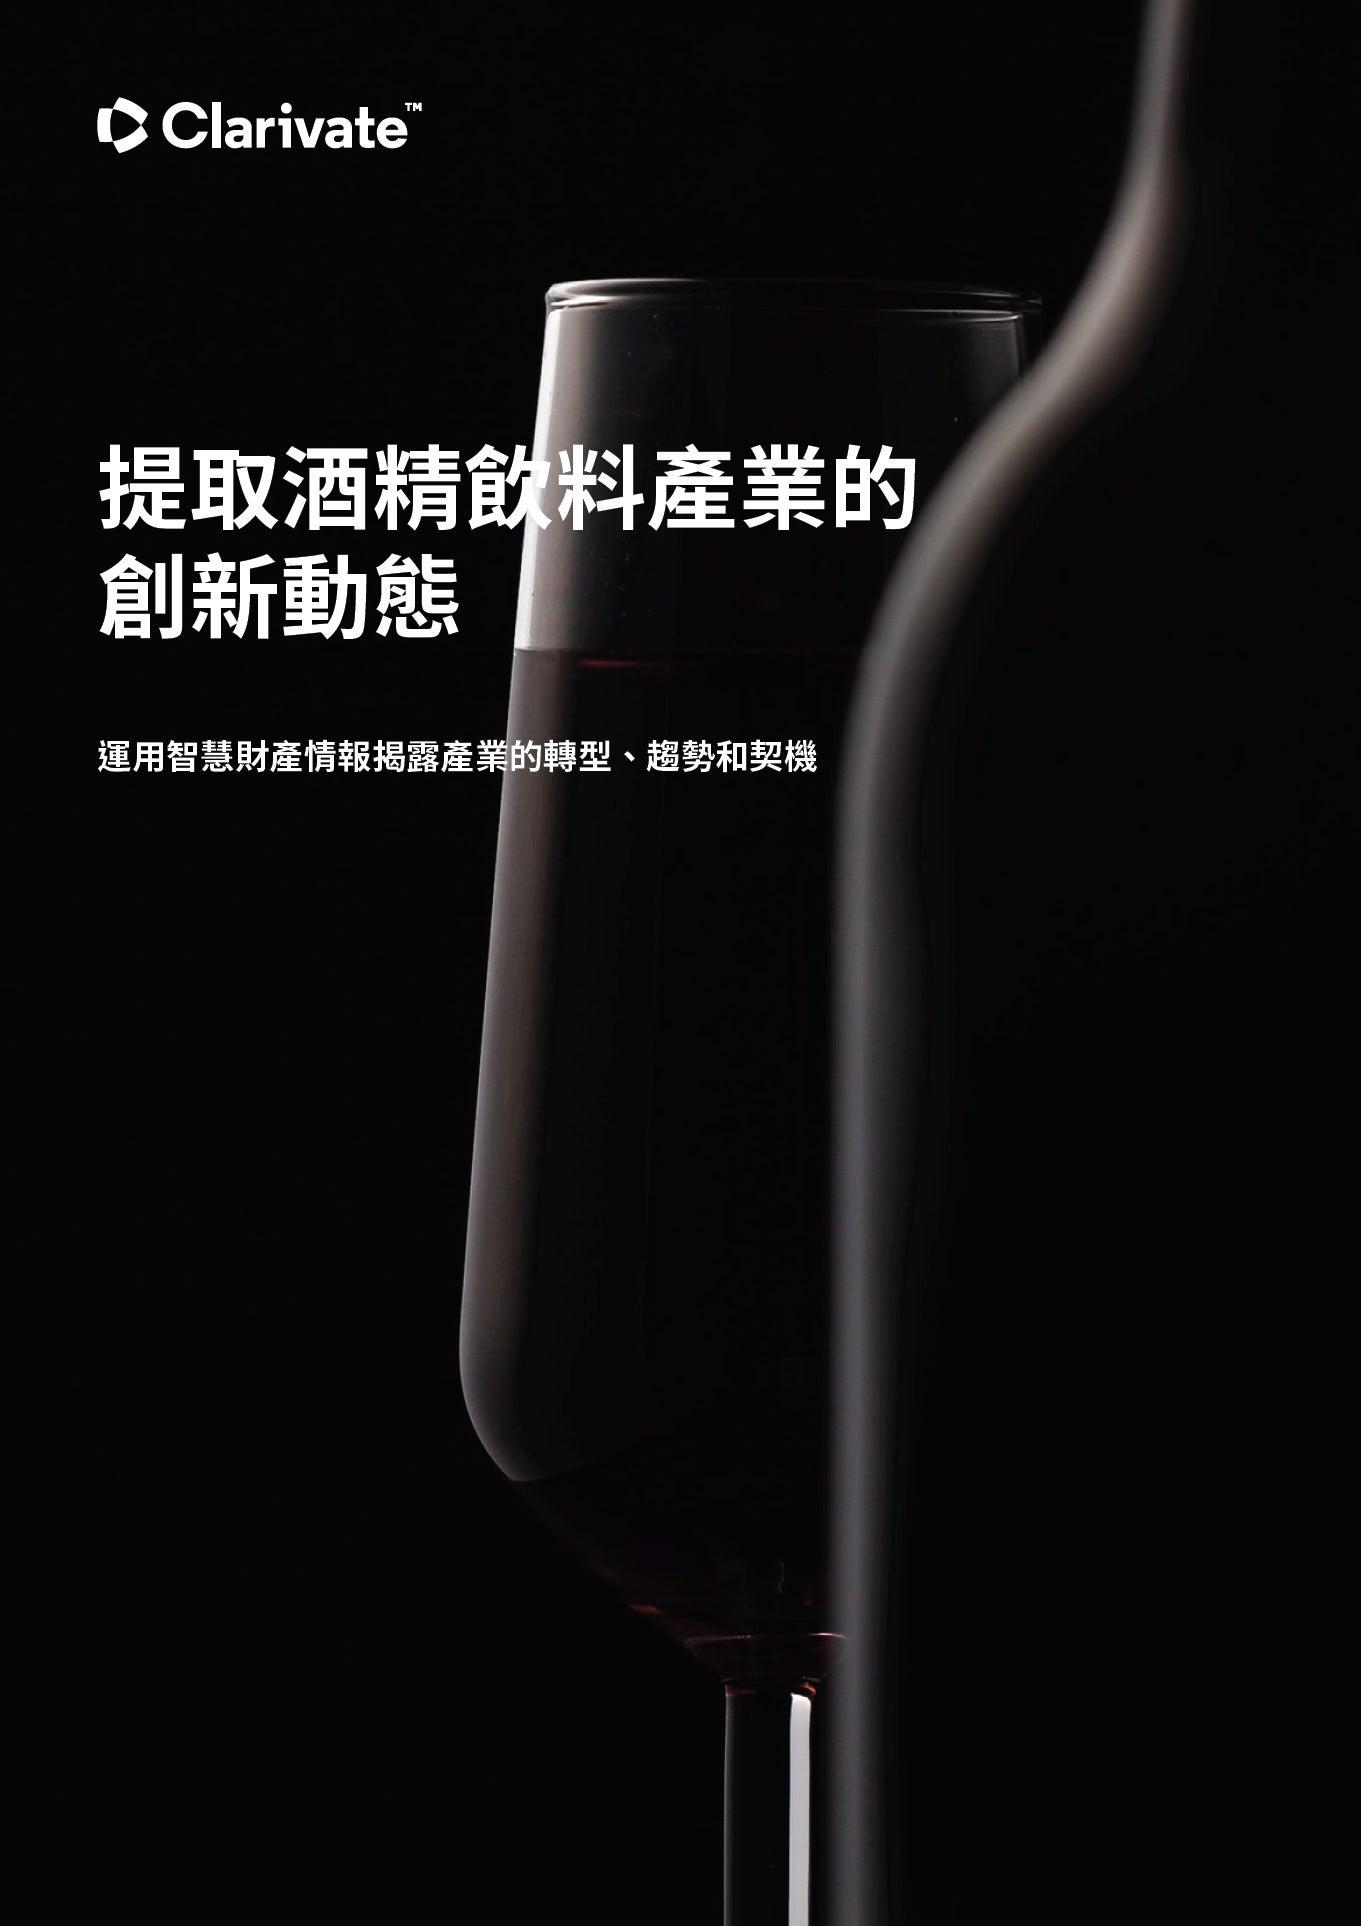 提取酒精飲料產業的創新動態